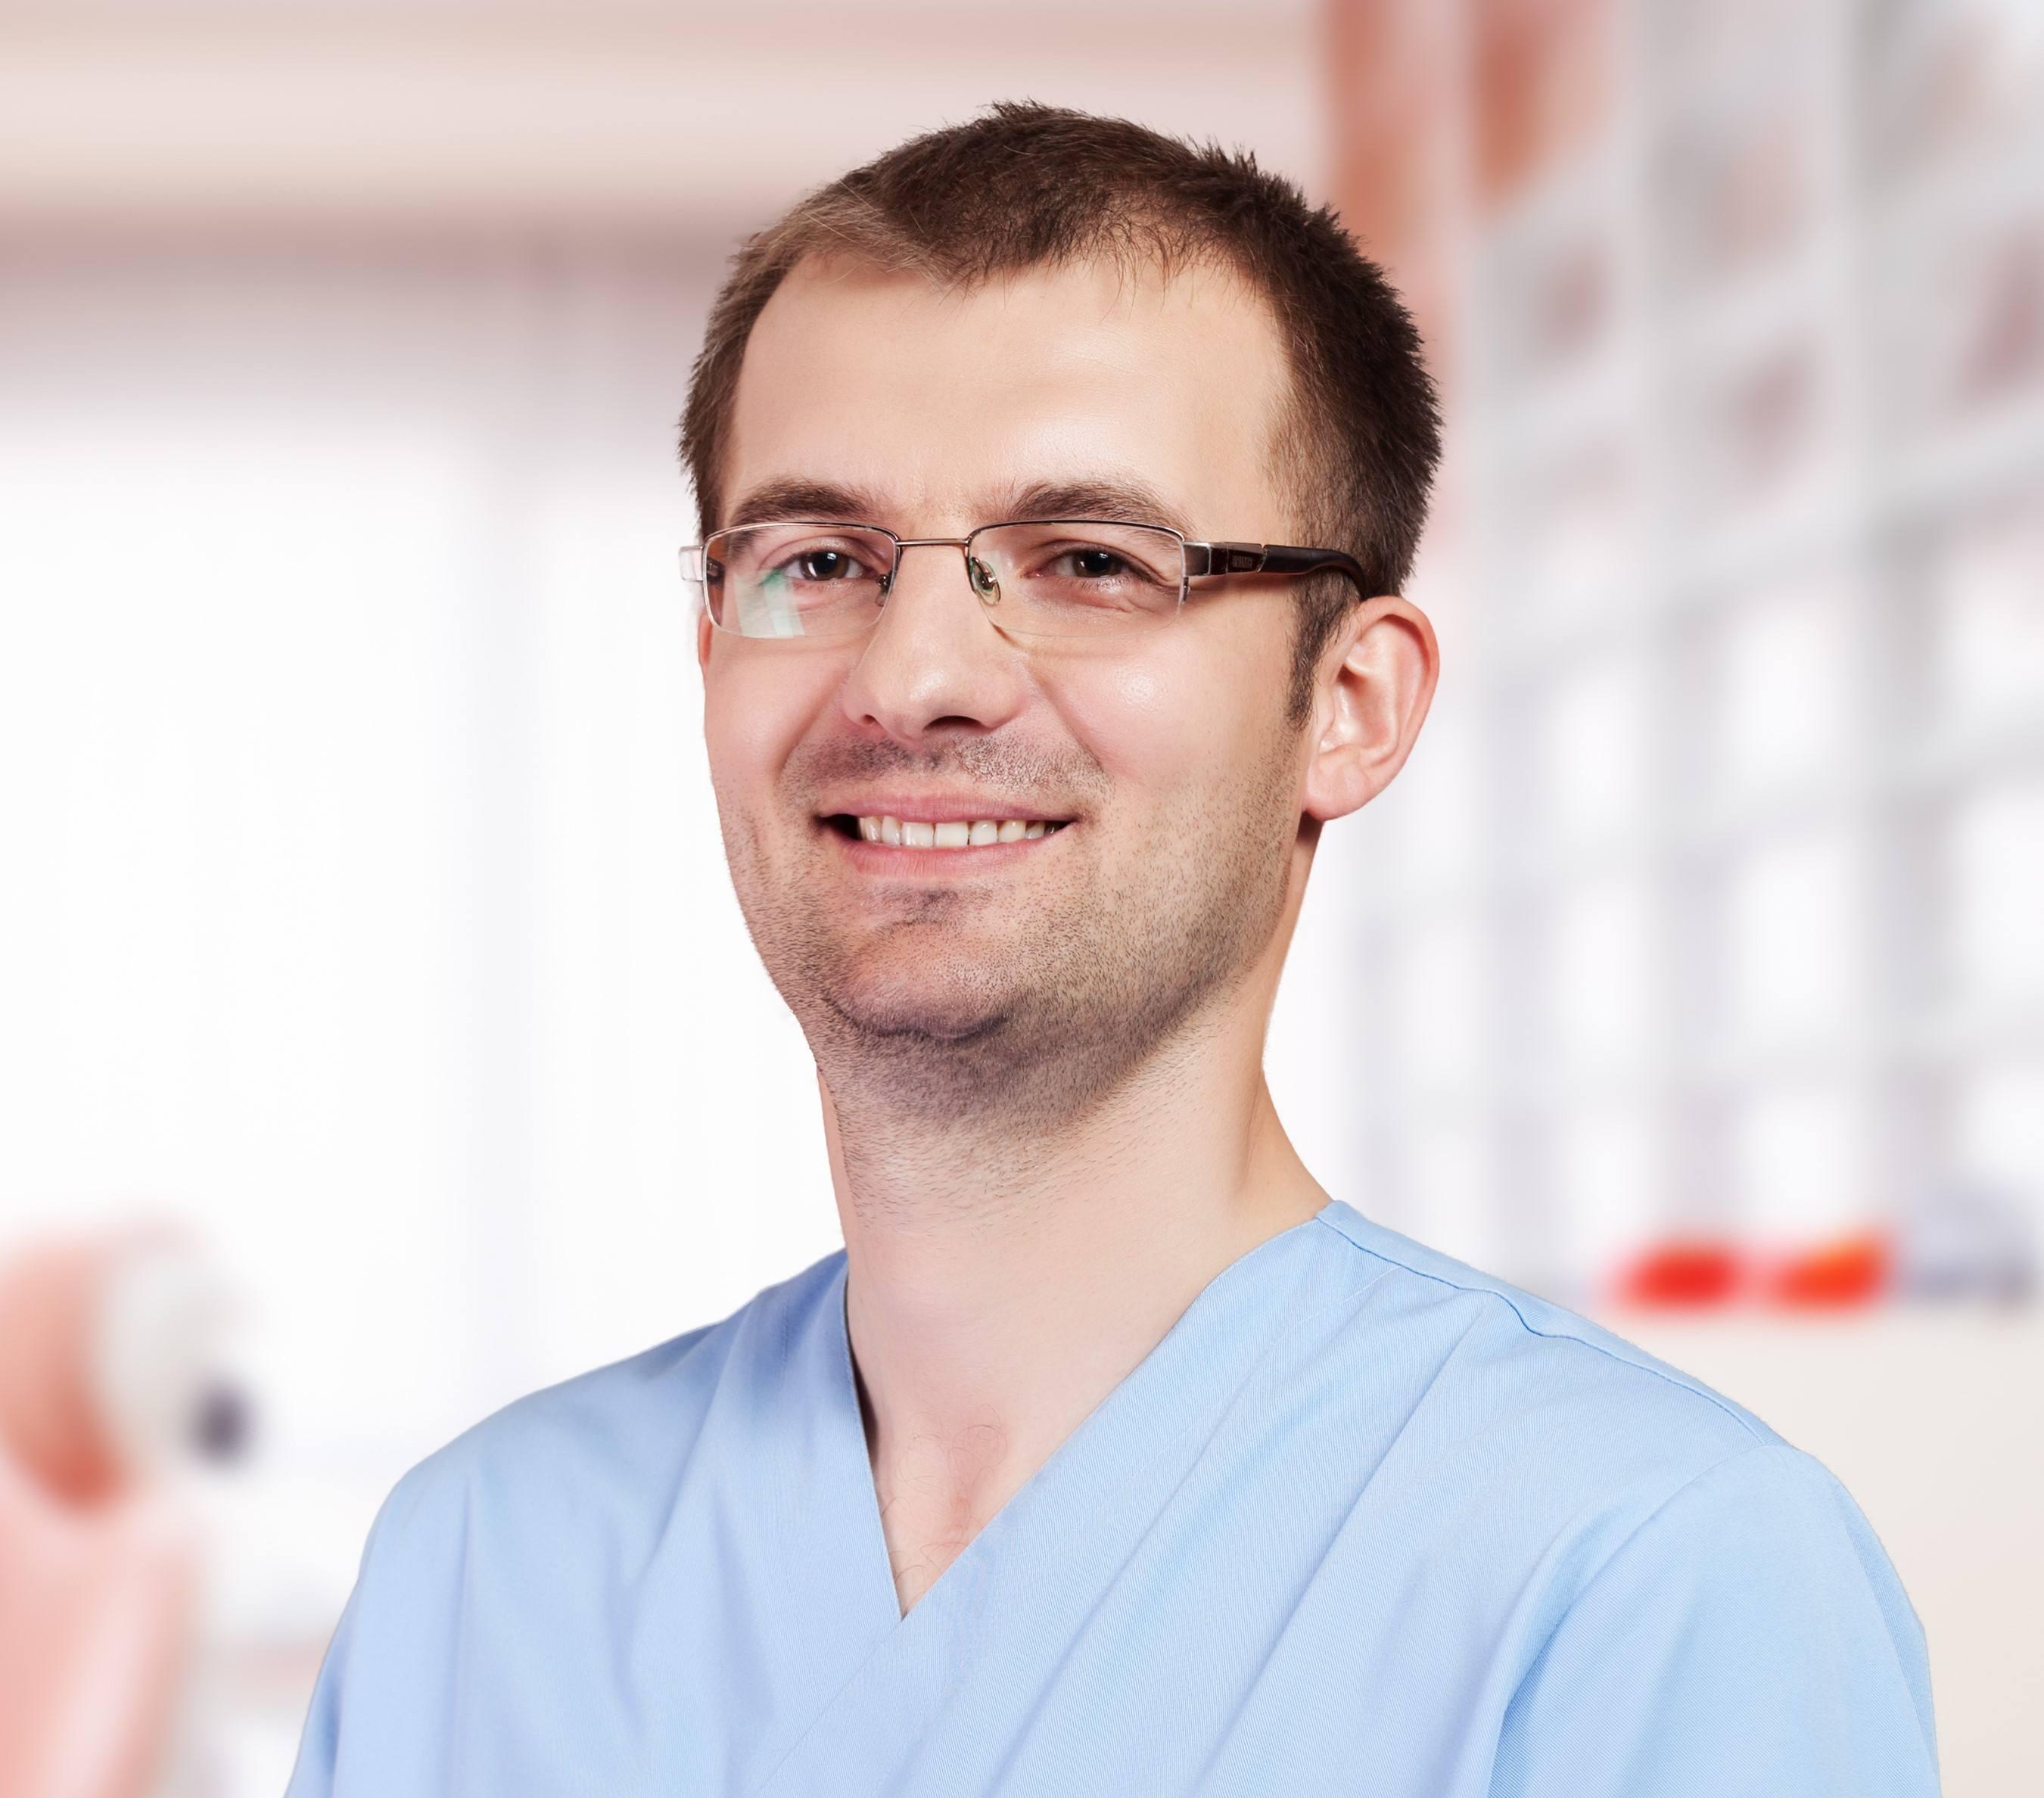 Lukasz Kwiecinski Dentist